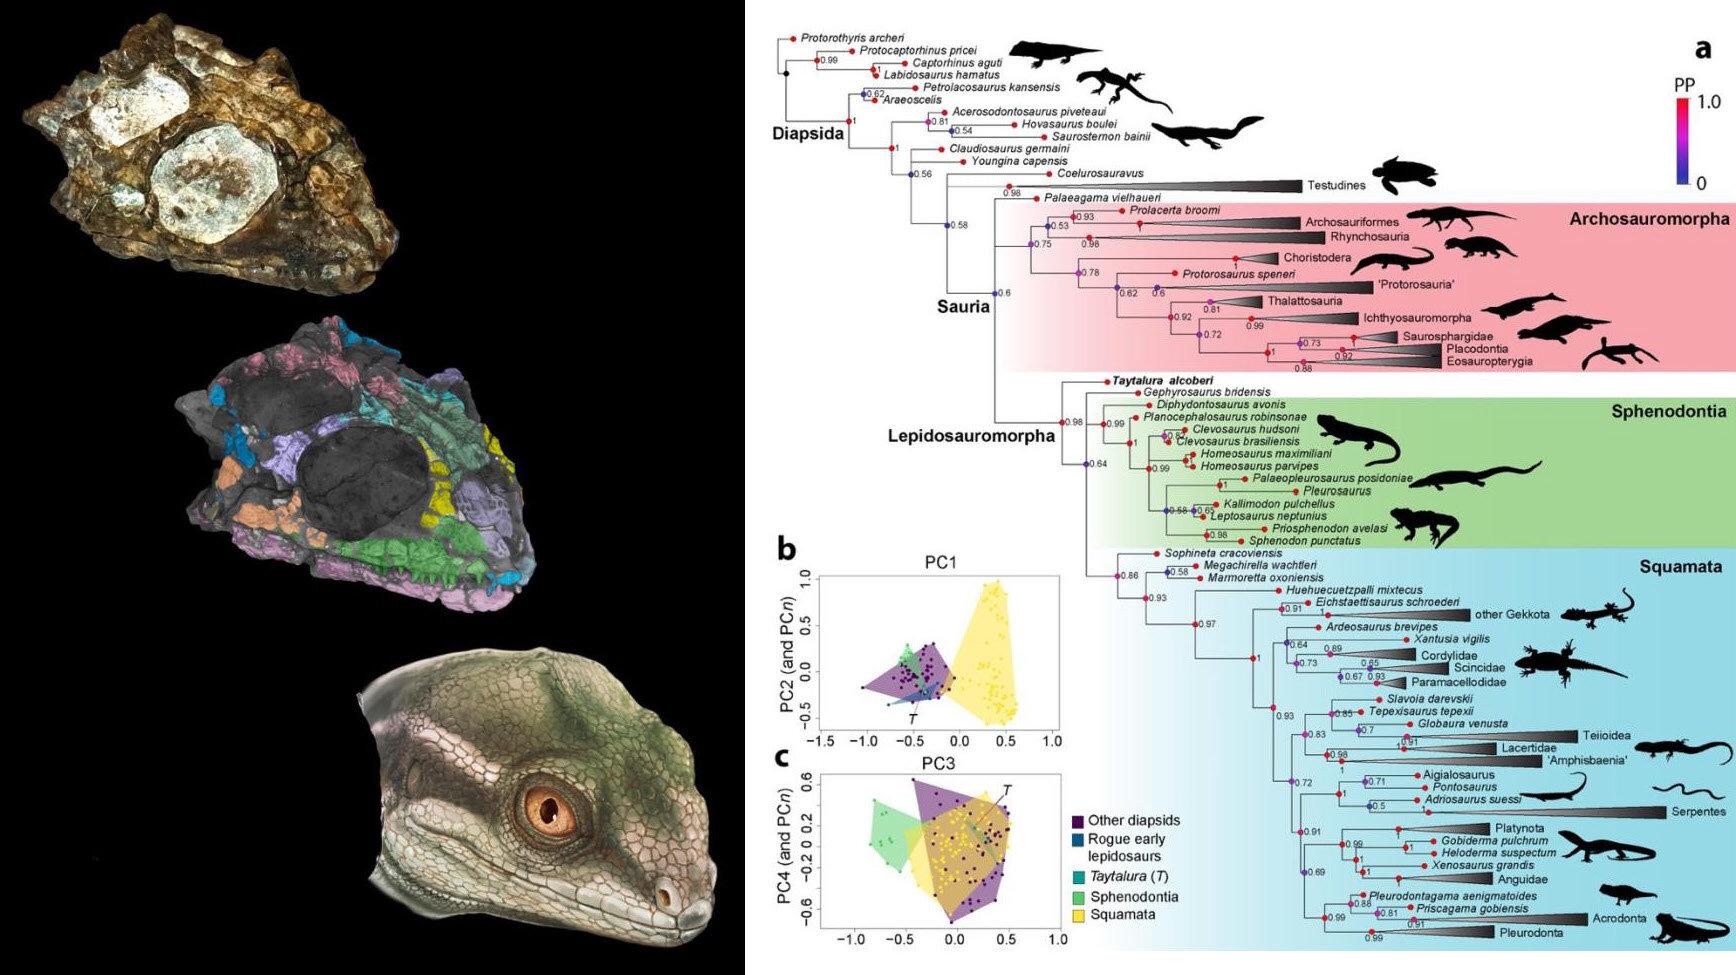 阿根廷三叠纪地层的头骨化石揭示鳞龙类爬行动物类群的起源和崛起